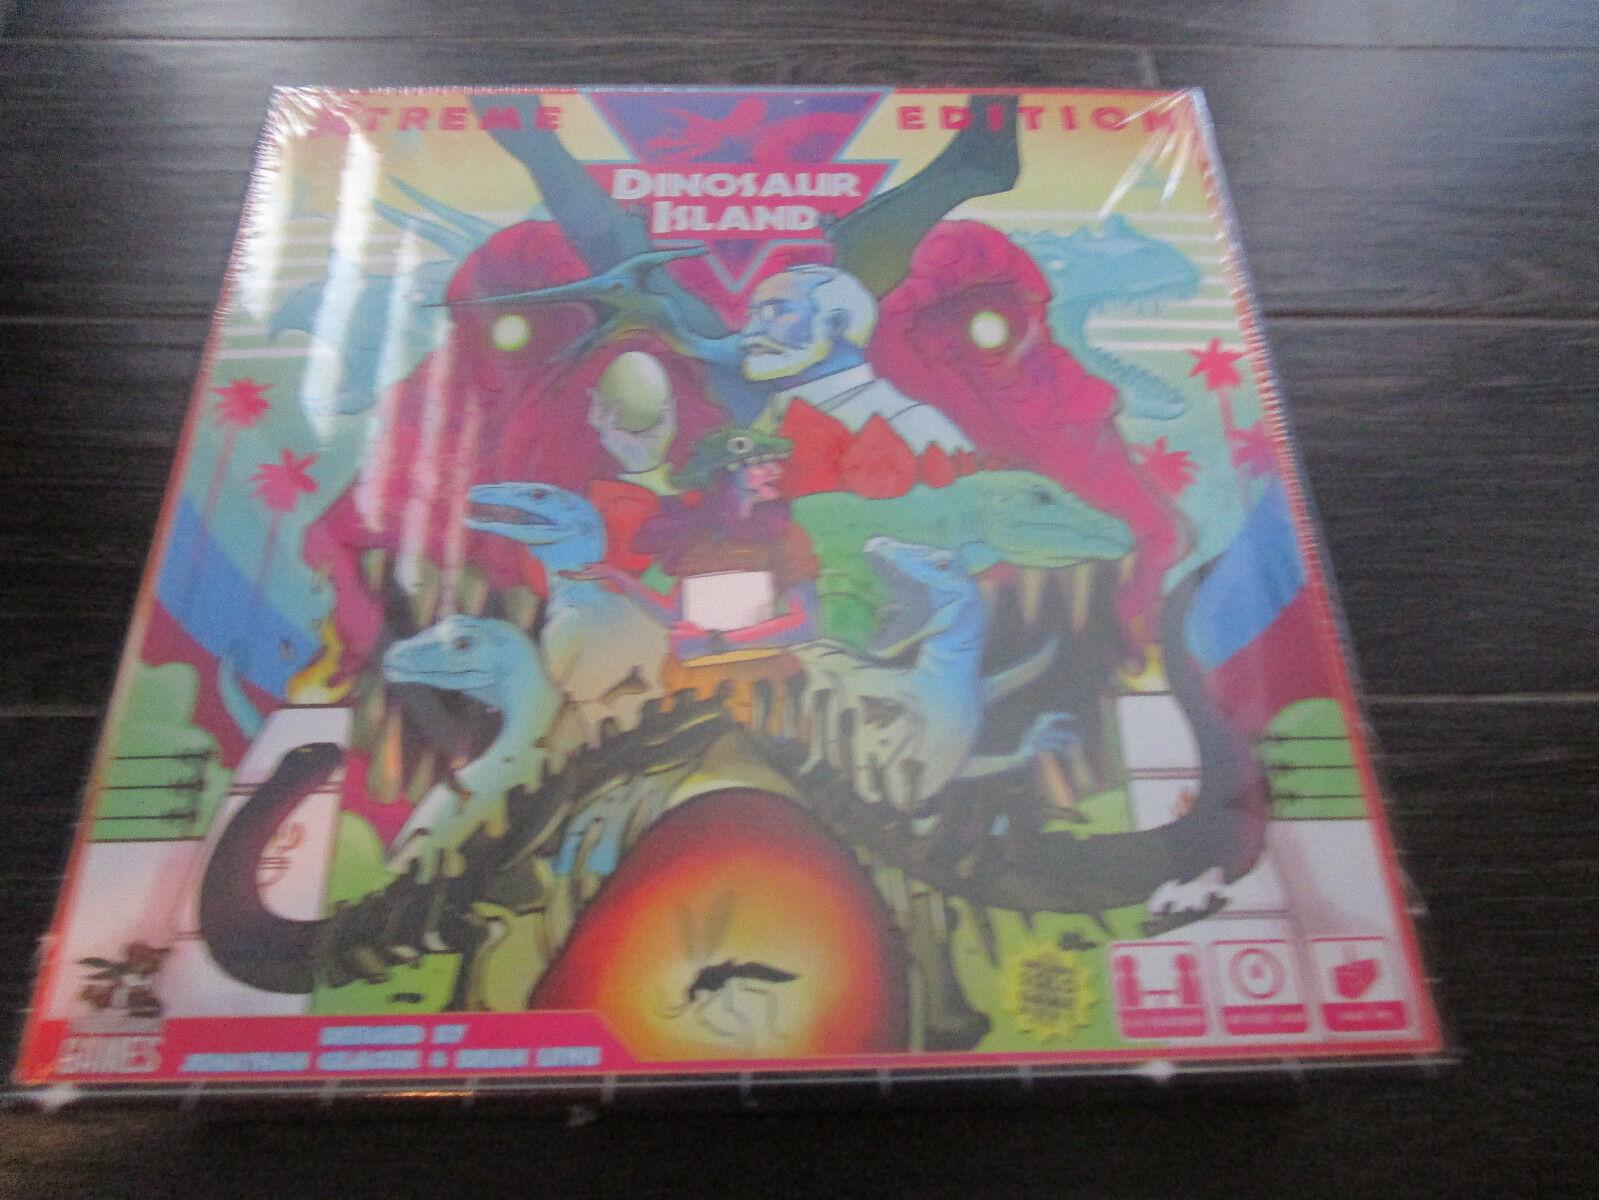 más descuento Isla de dinosaurios Parque Xtreme Edition Edition Edition promesa y arranque Exclusivo Juego De Mesa  mejor calidad